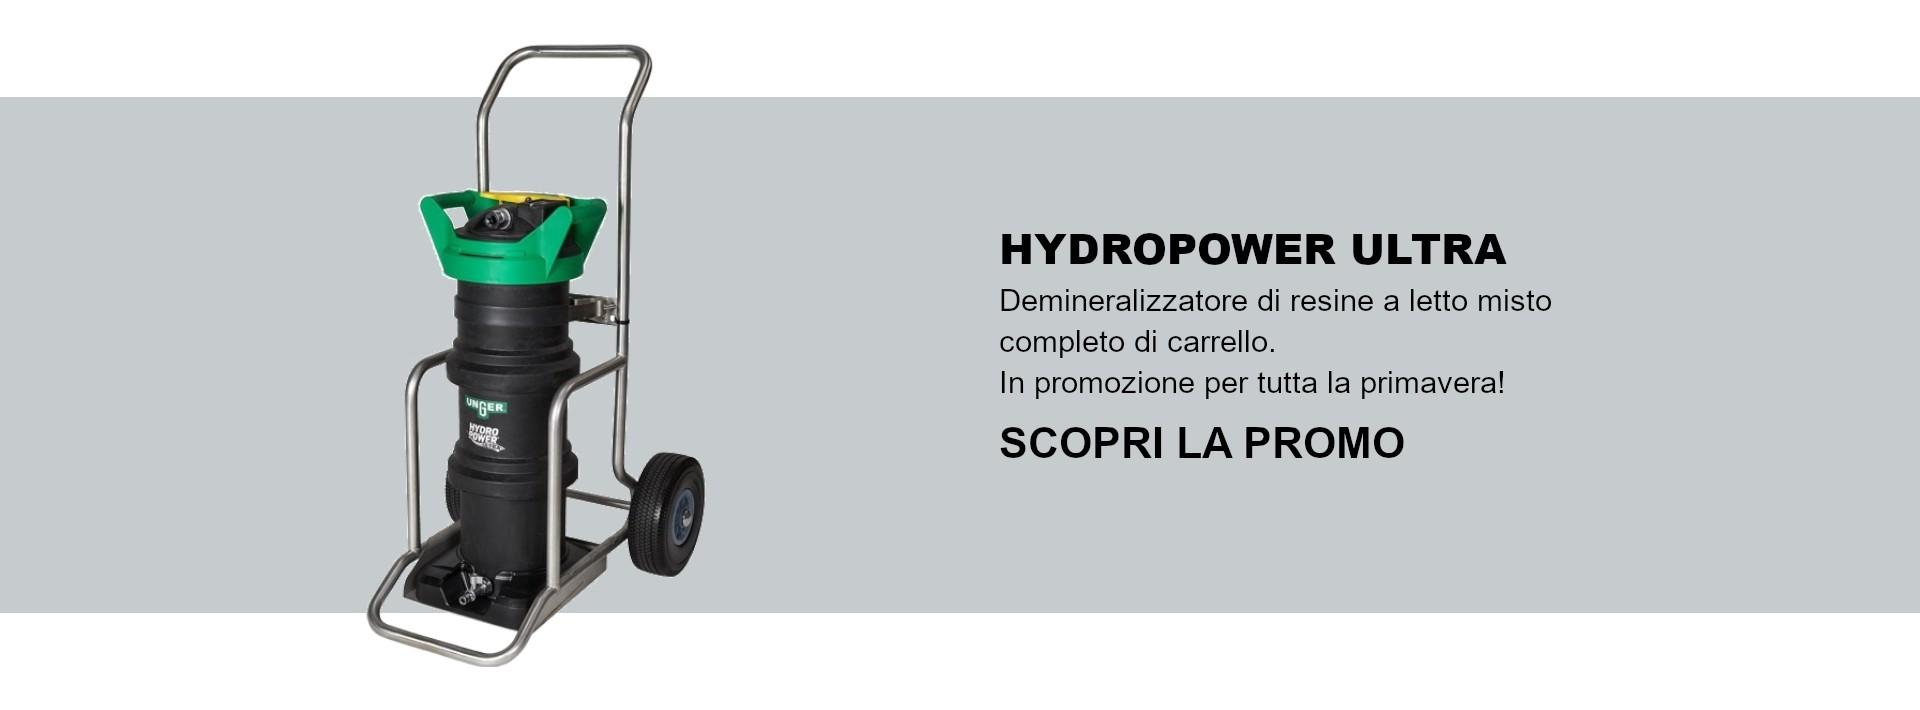 Hydropower Ultra demineralizzatore in promozione per tutta la primavera